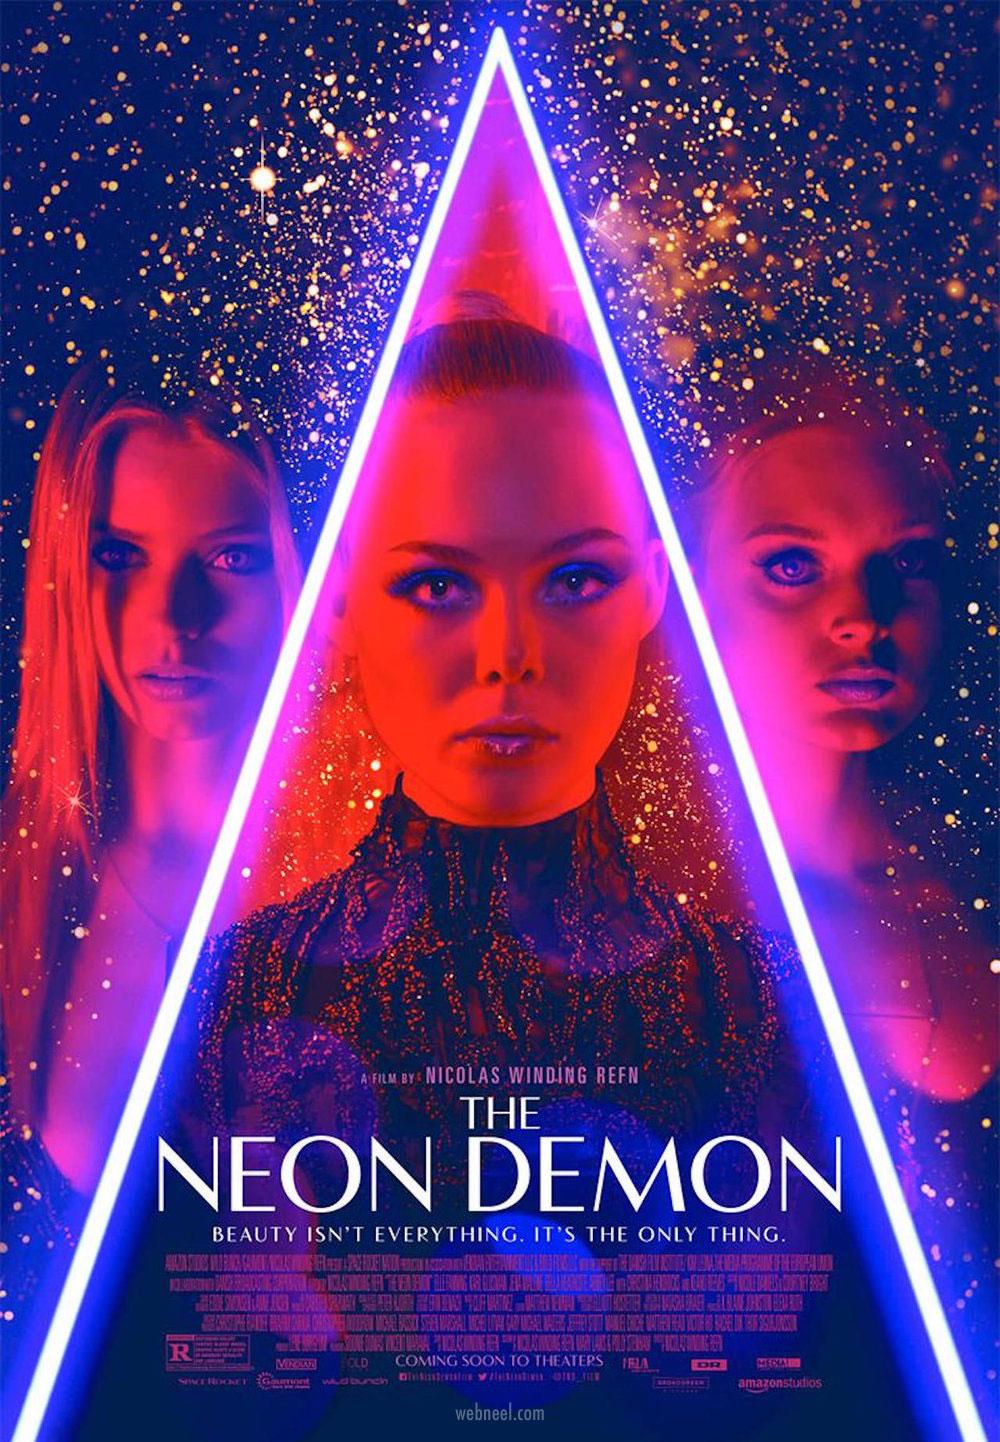 movie poster design neon demon neon pop